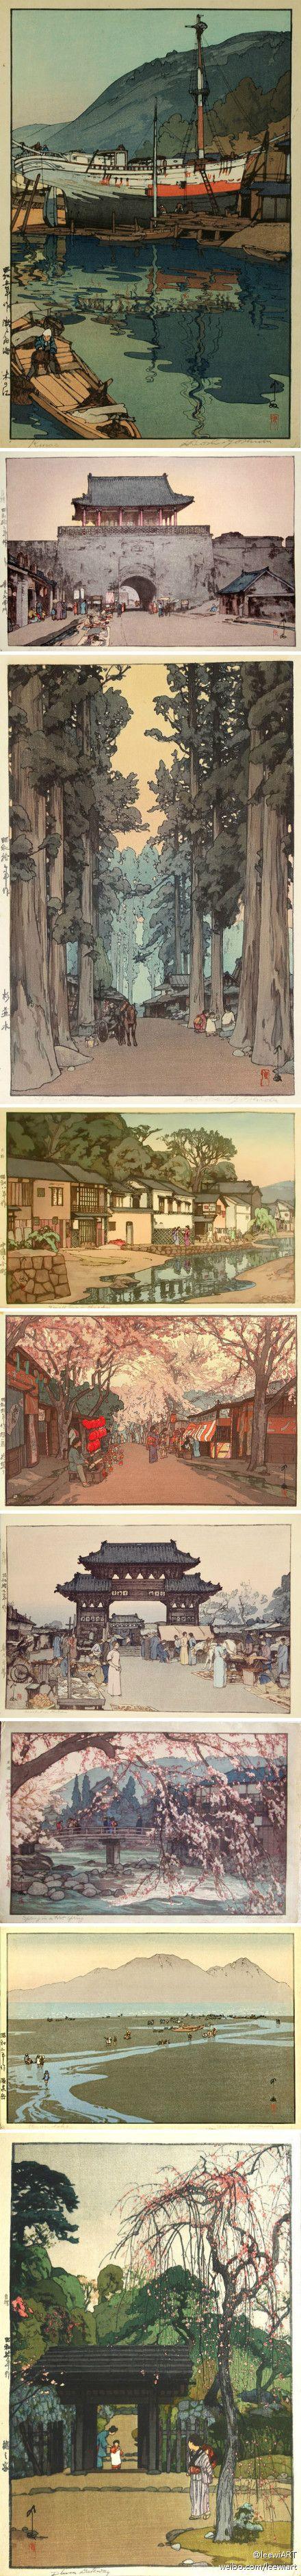 吉田博Hiroshi Yoshida版画